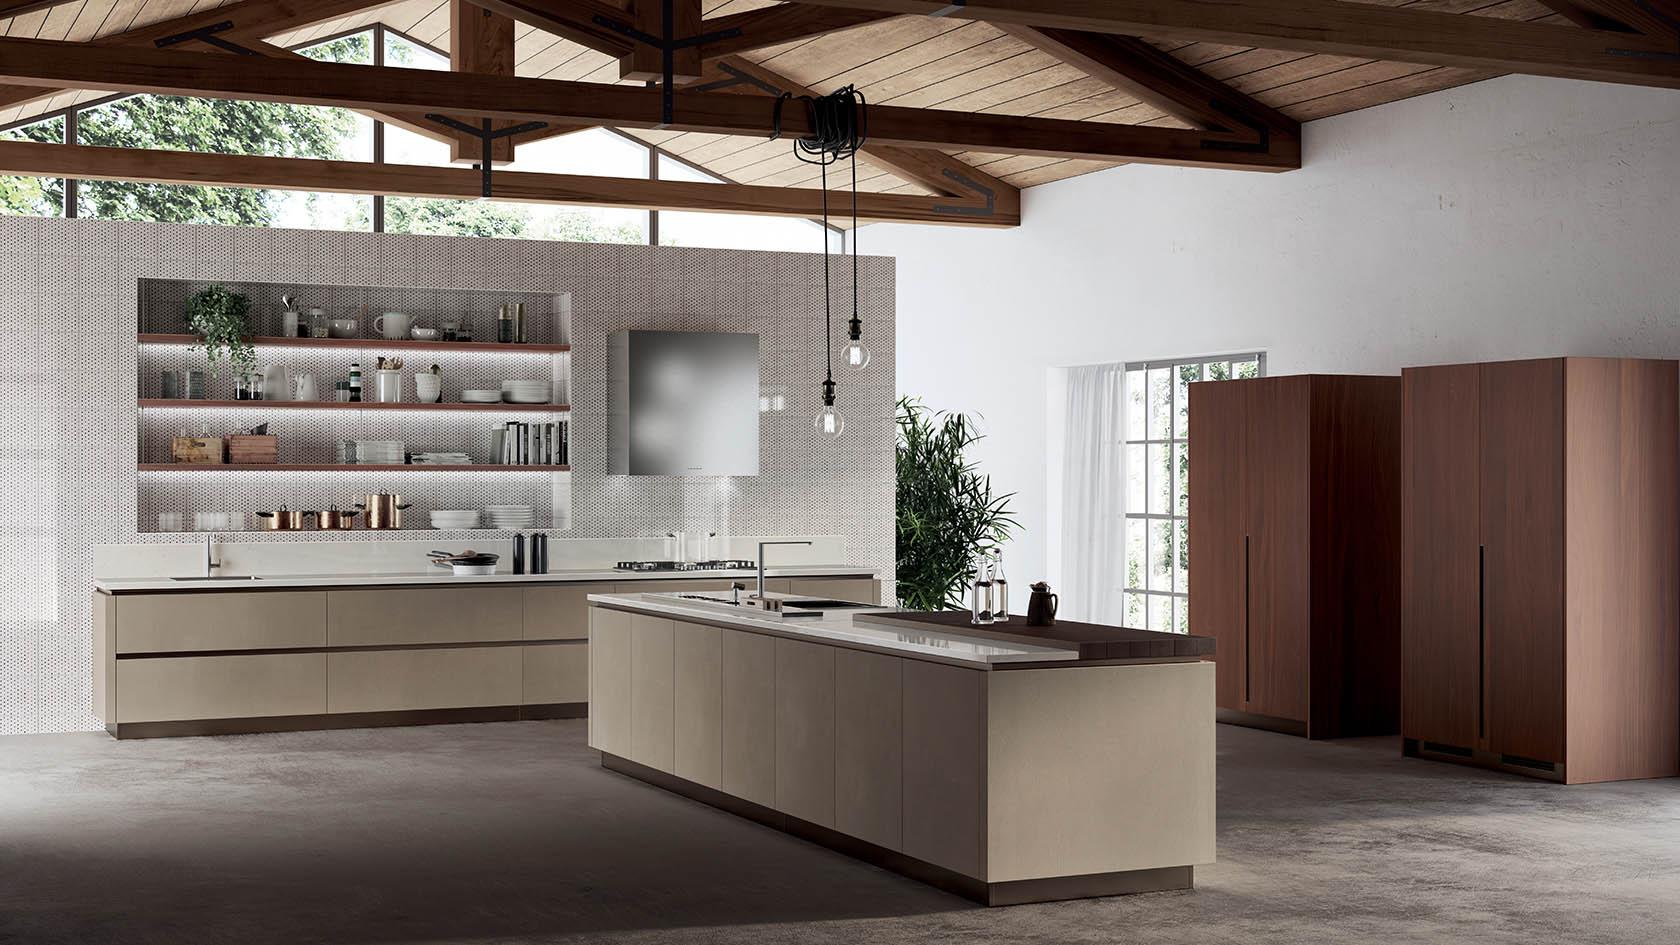 cucina-scavolini-liberamente-4 - Arredamenti Grossi